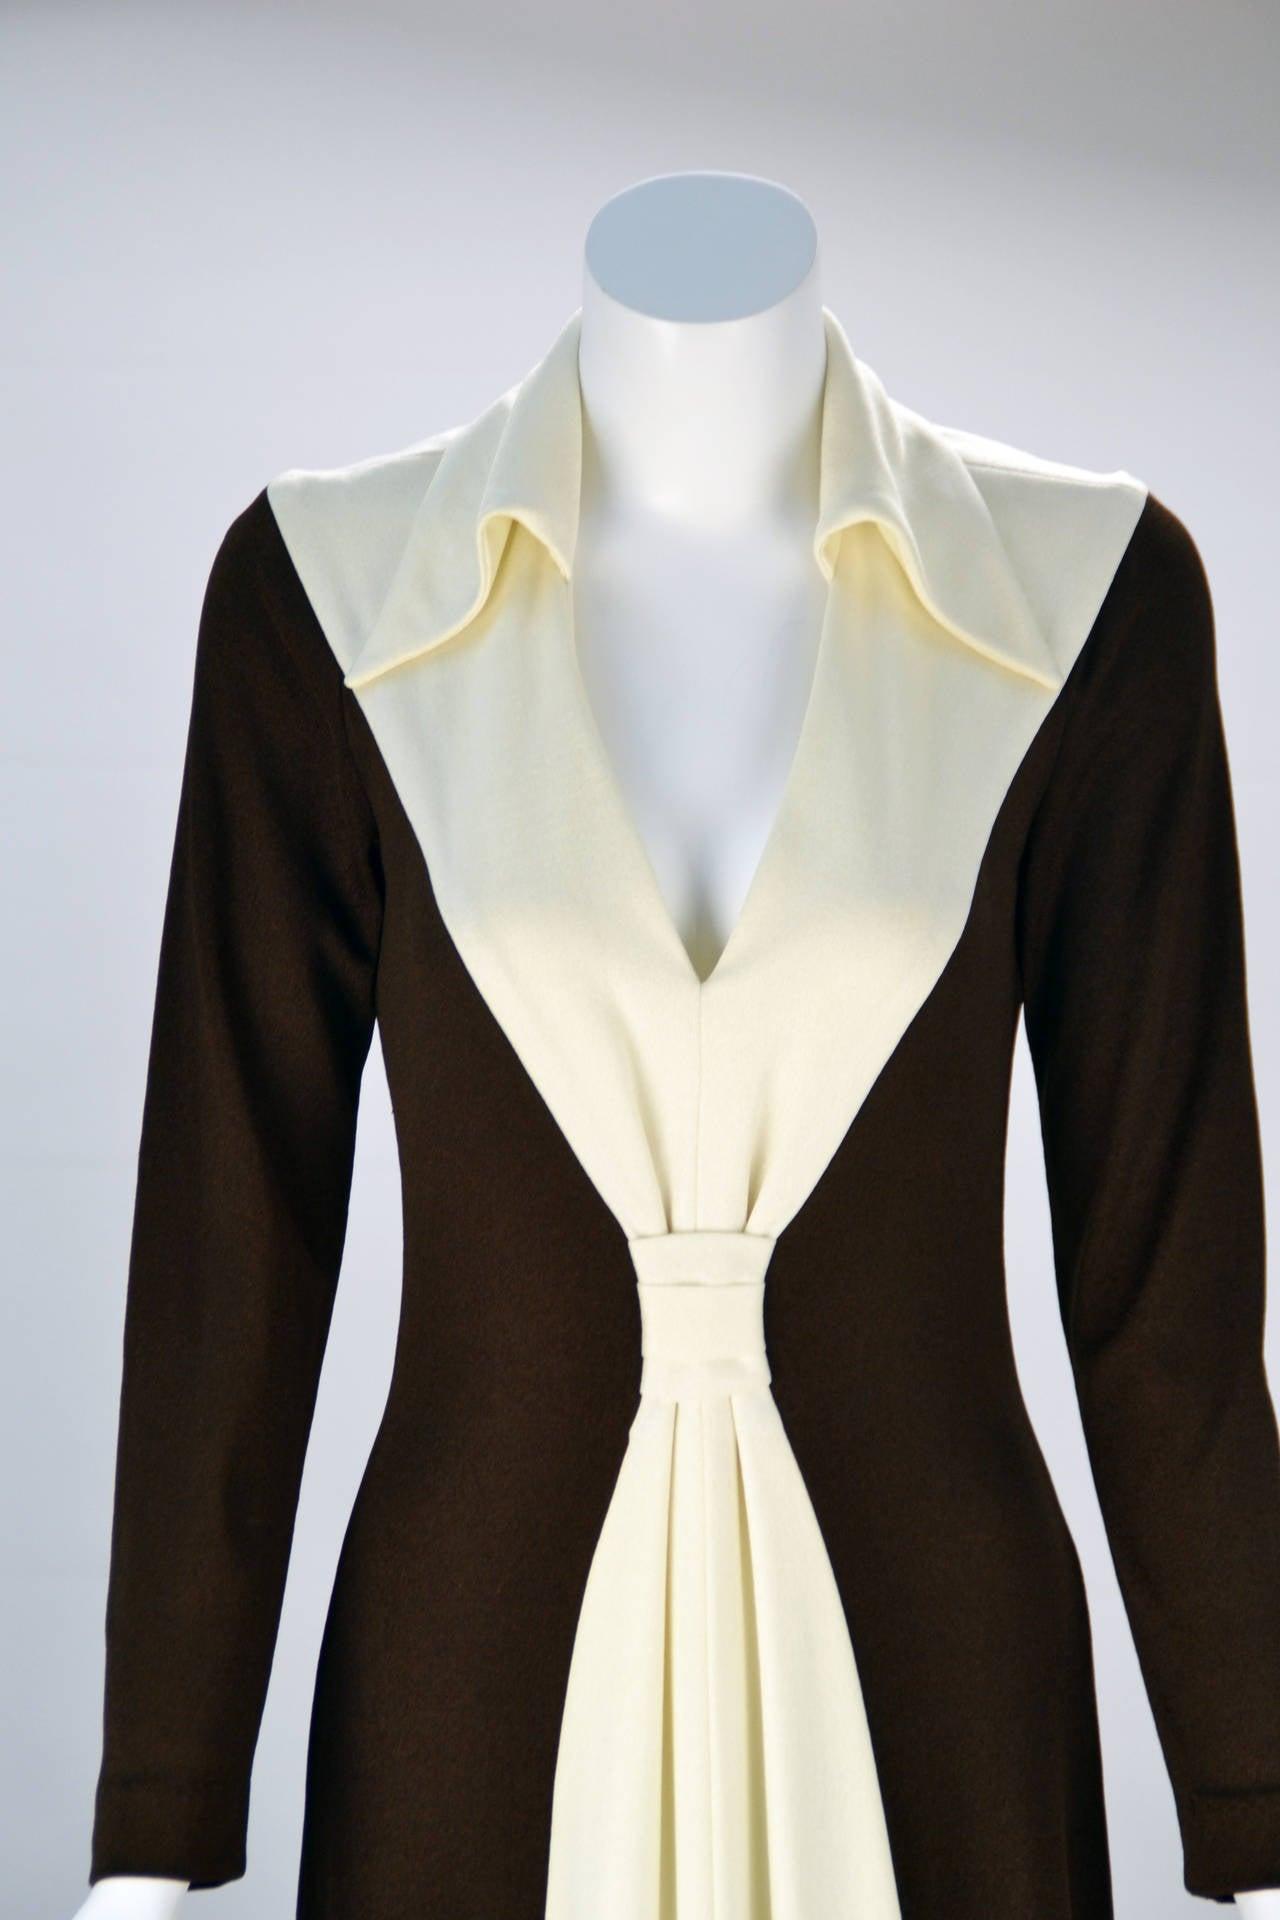 1970s Estévez Color Block Hourglass Dress In Excellent Condition For Sale In Houston, TX